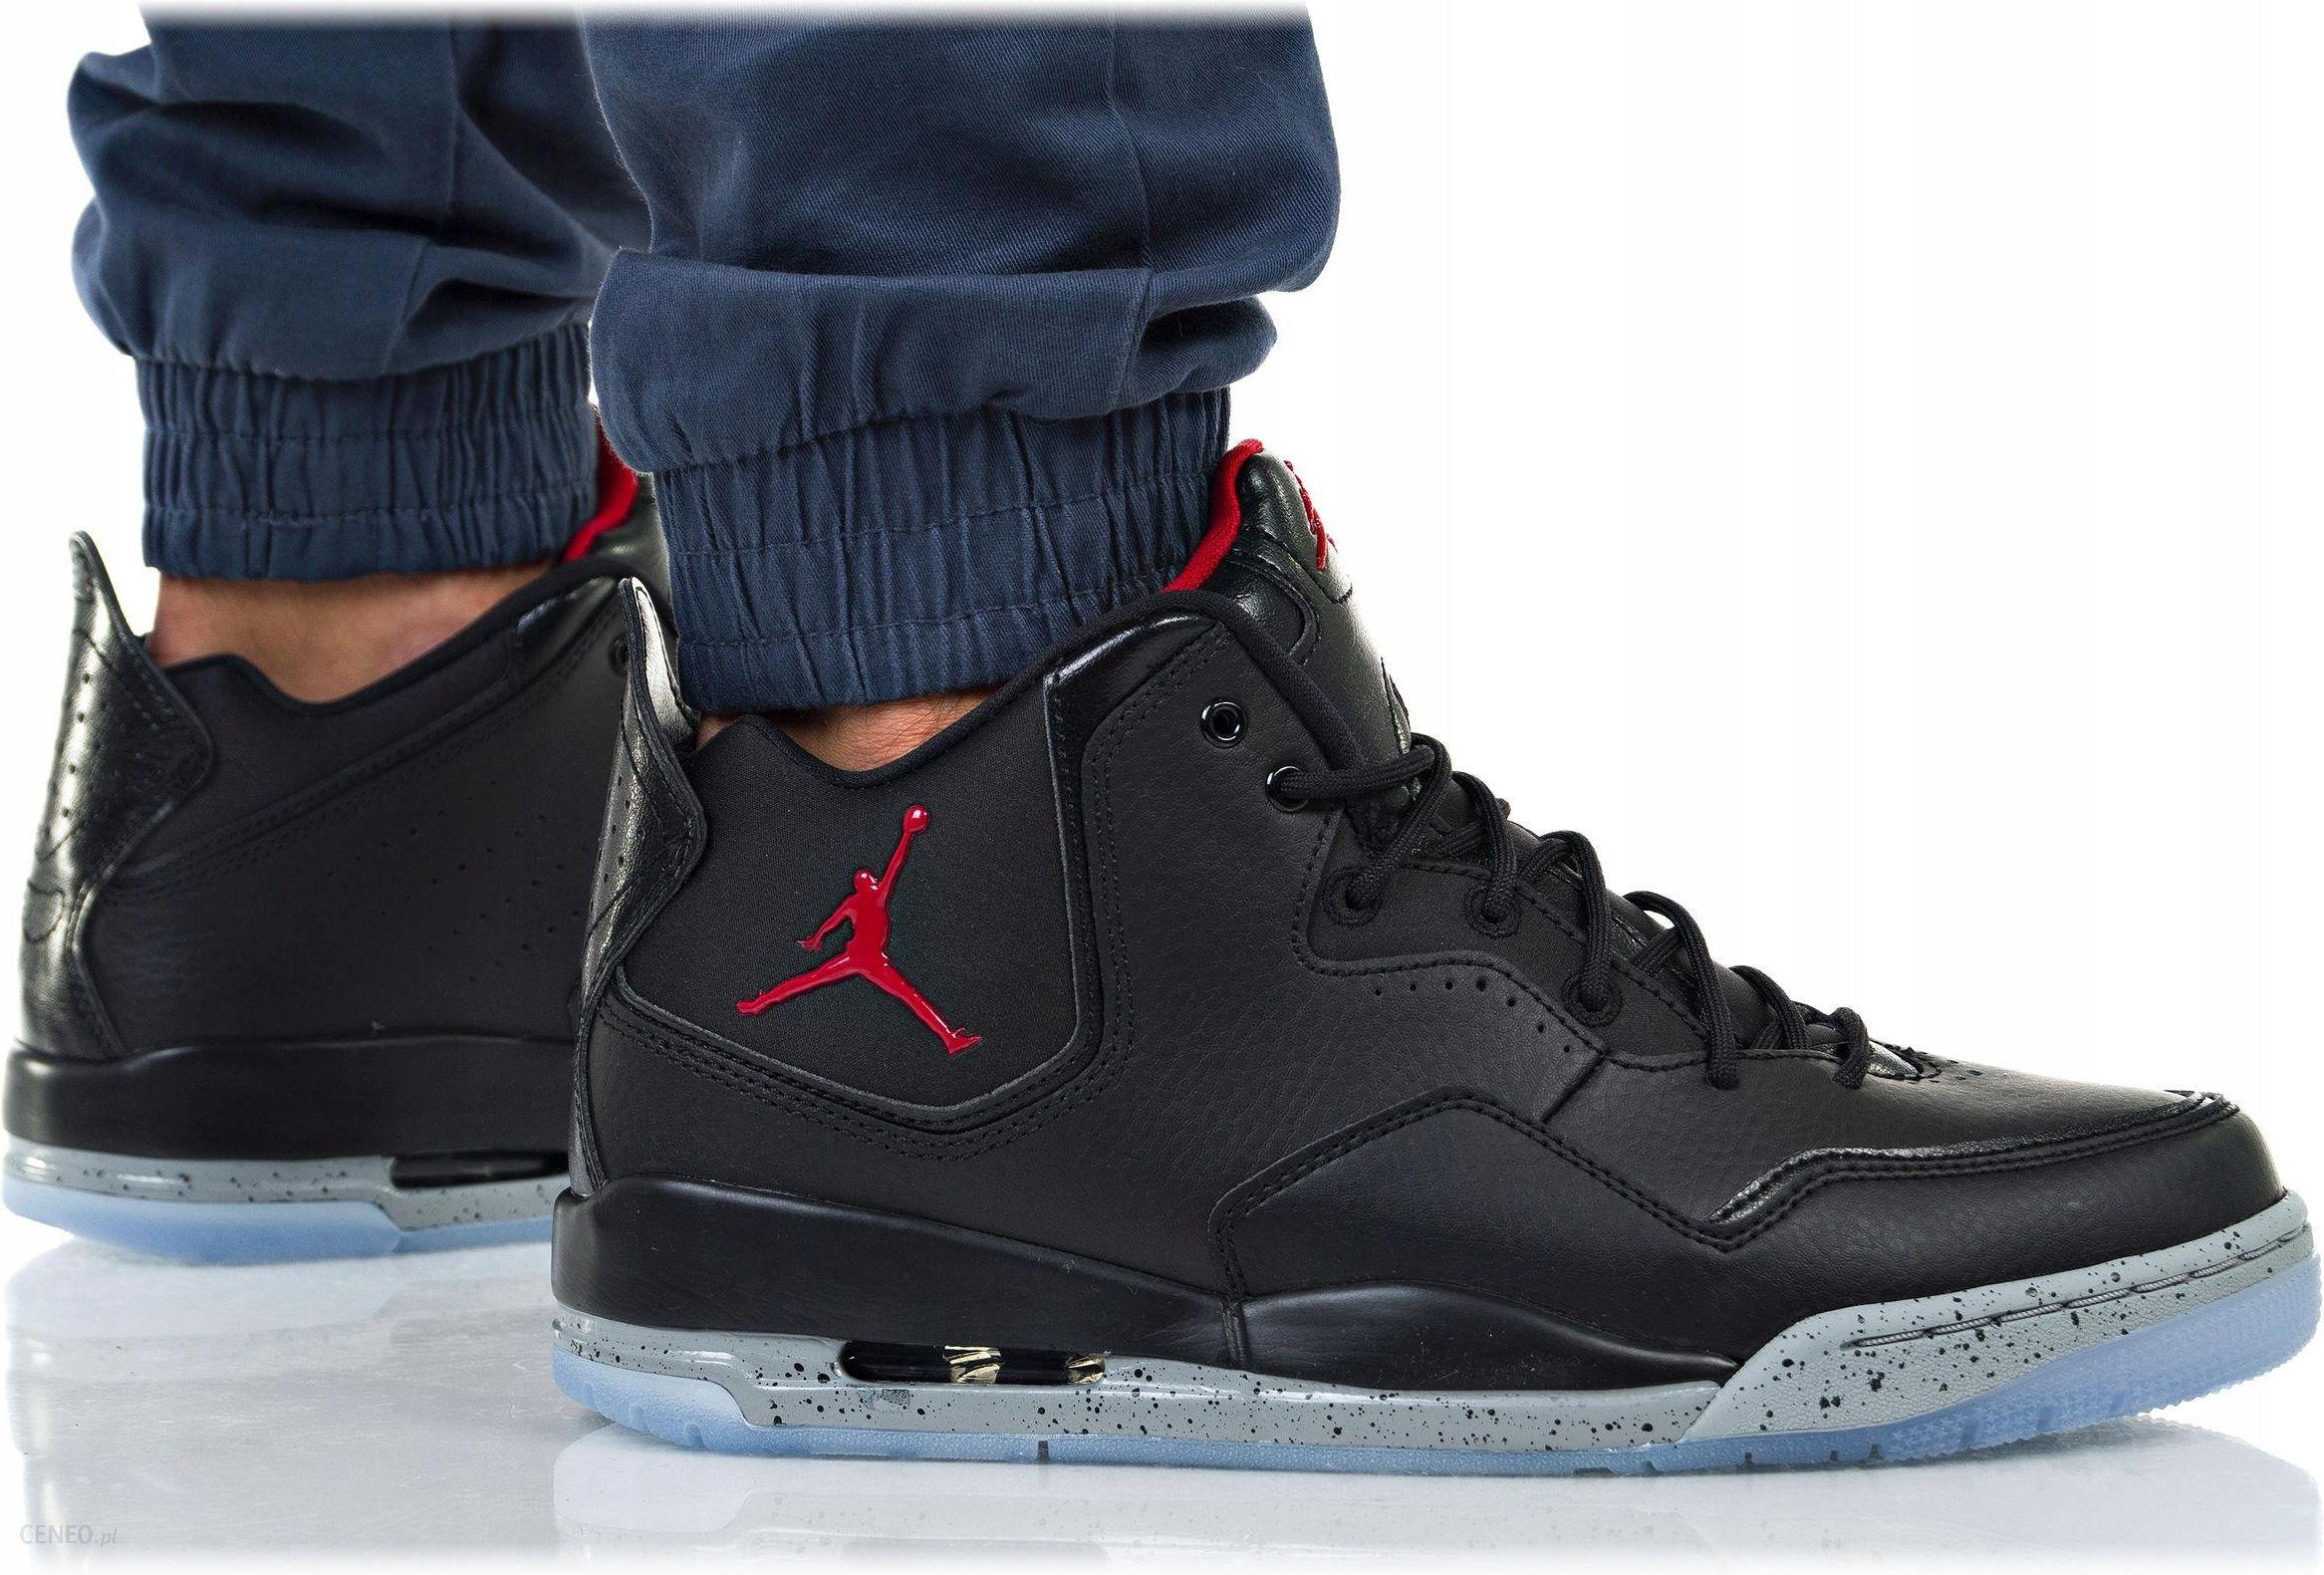 Nike Jordan Courtside 23 AR1000 023